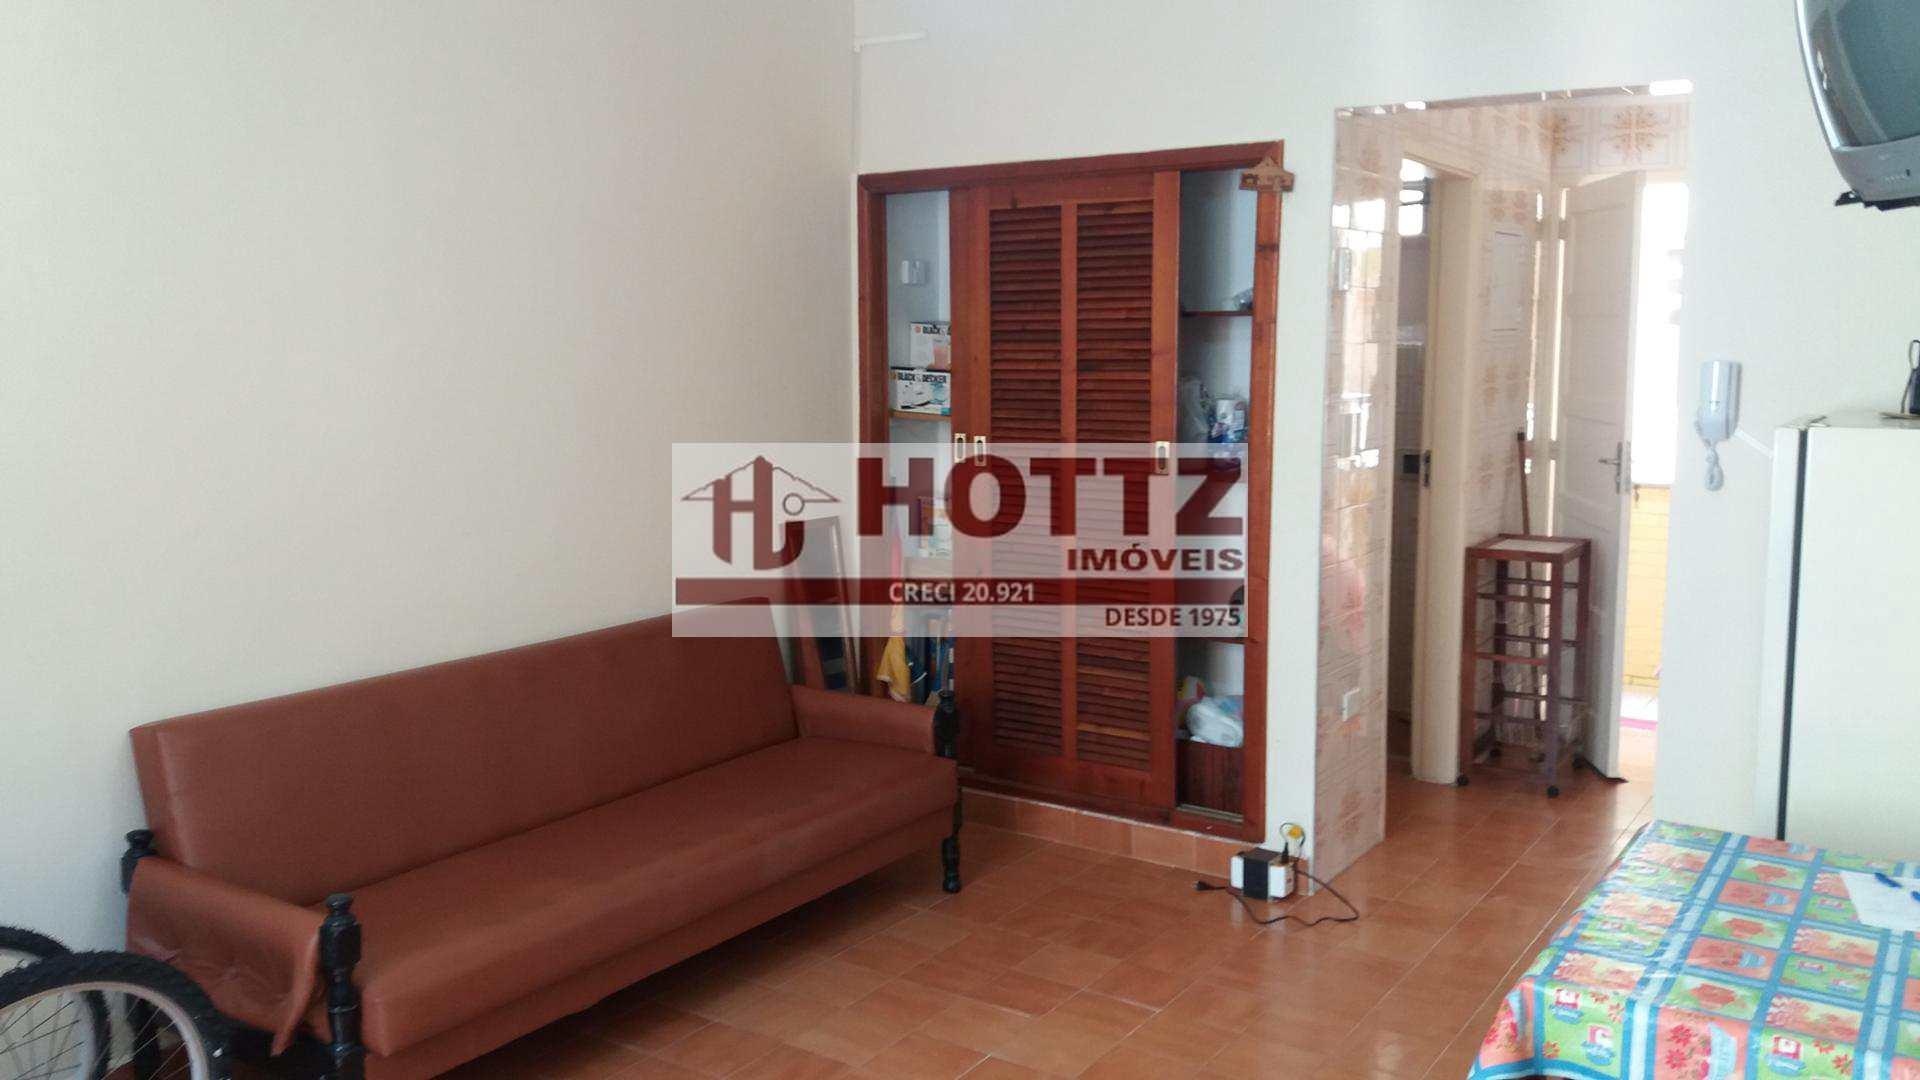 Kitnet com 1 dorm, Caiçara, Praia Grande - R$ 120.000,00, 35m² - Codigo: 022